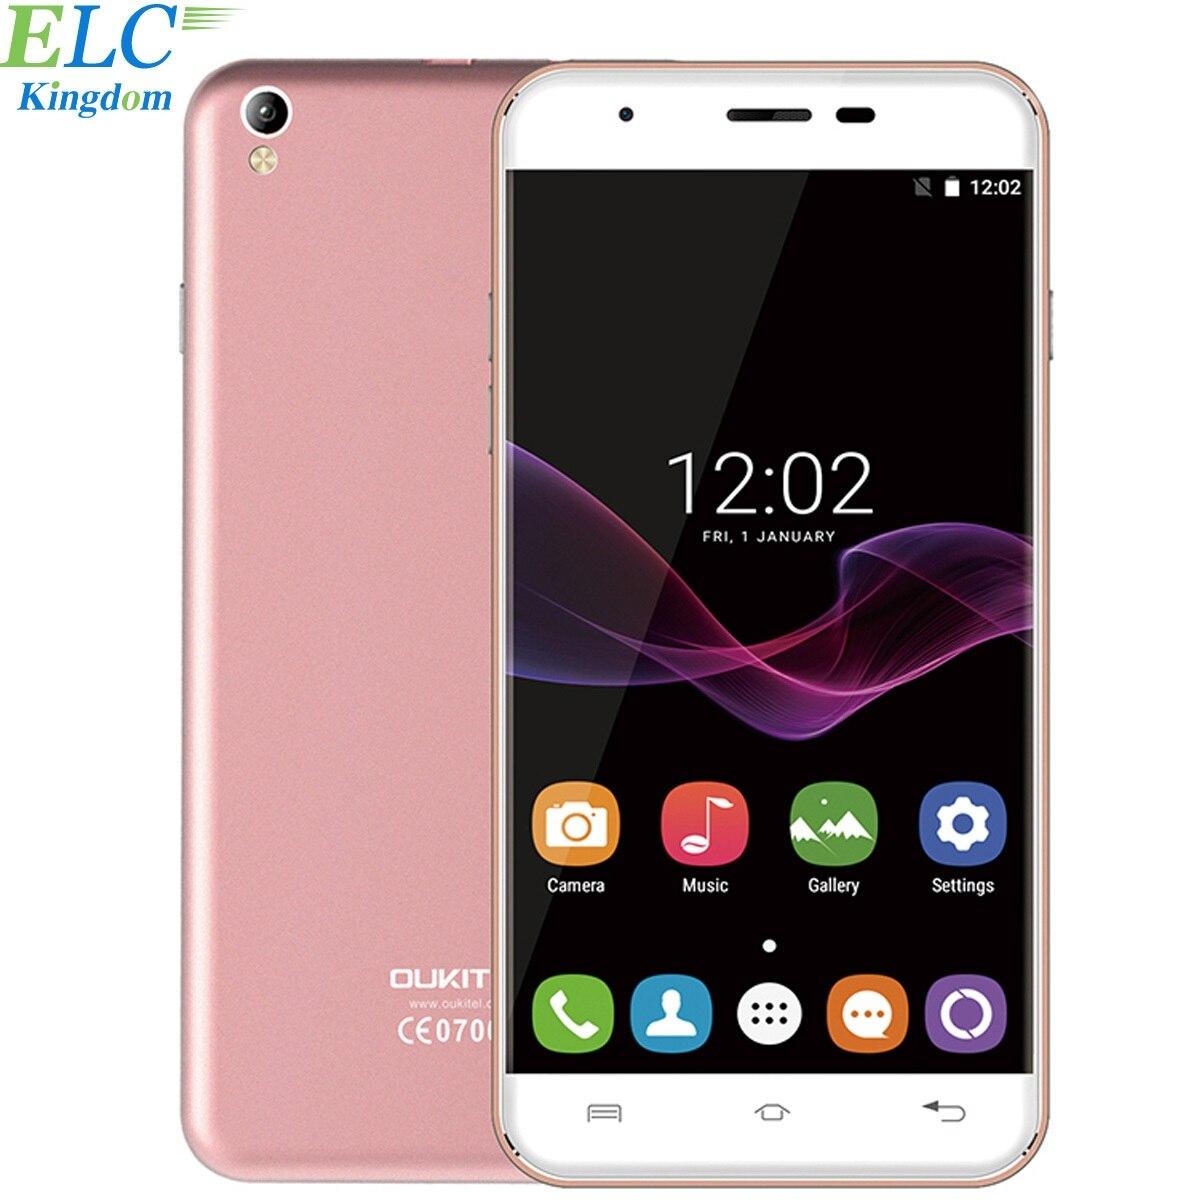 Original Oukitel U7 MAX Mobile phone 5.5 Inch HD Screen MTK6580A Quad Core 1G+8G 8MP Camera 2500mAh 3G WCDMA Smartphone